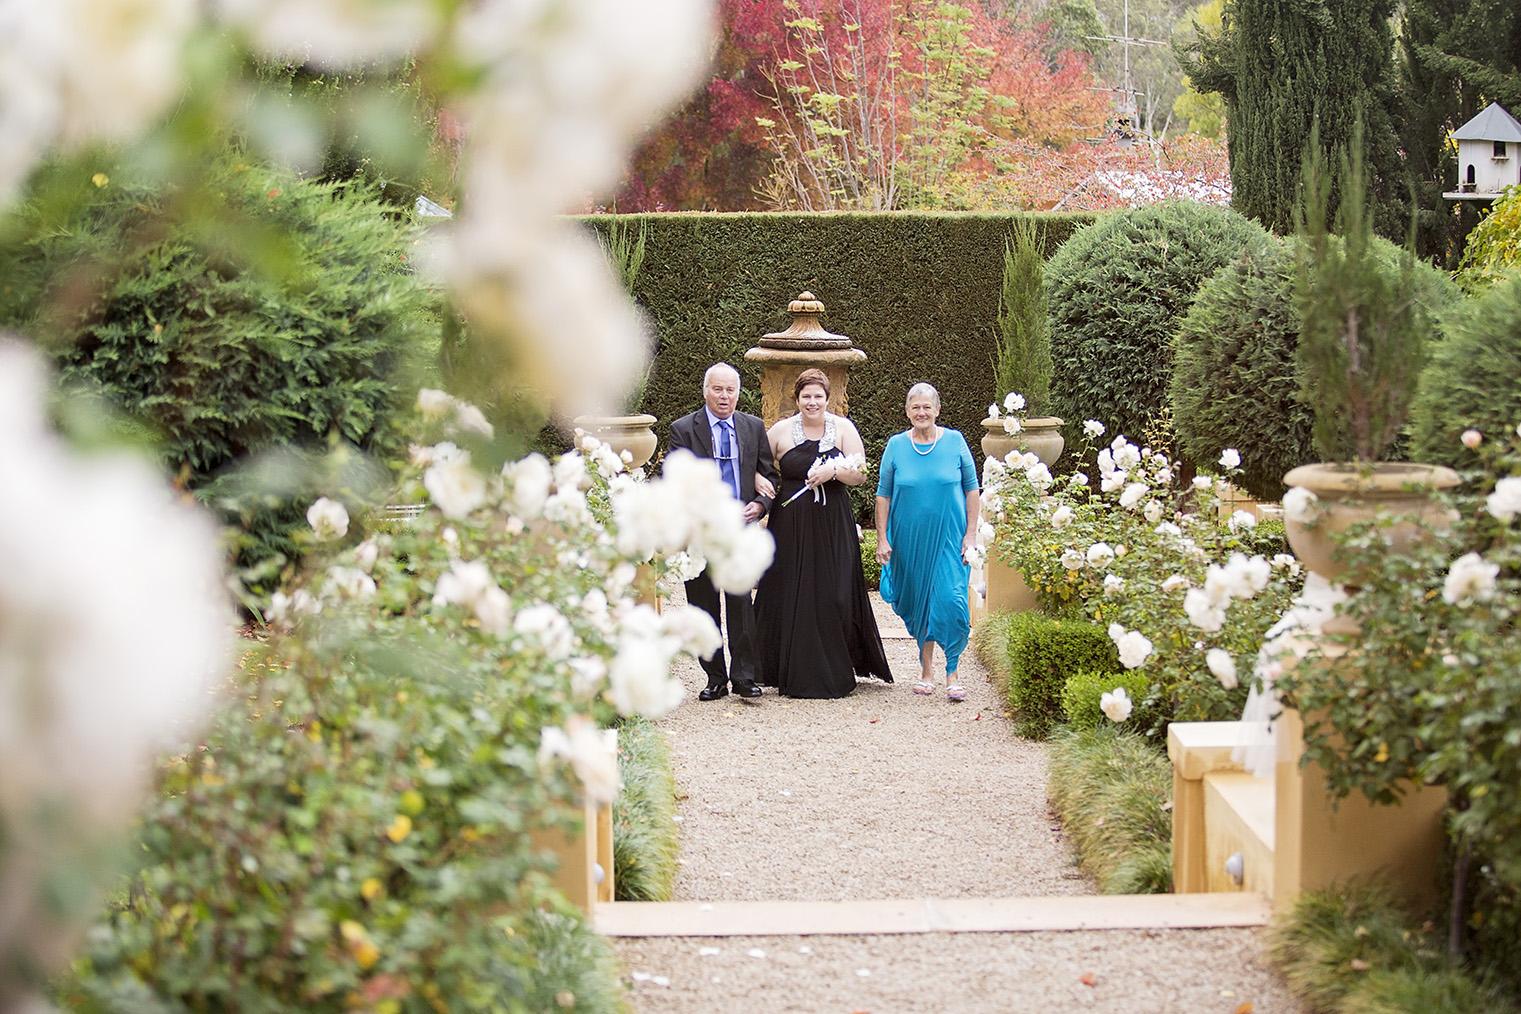 Clarendon Same Sex Wedding Photos 15.jpg